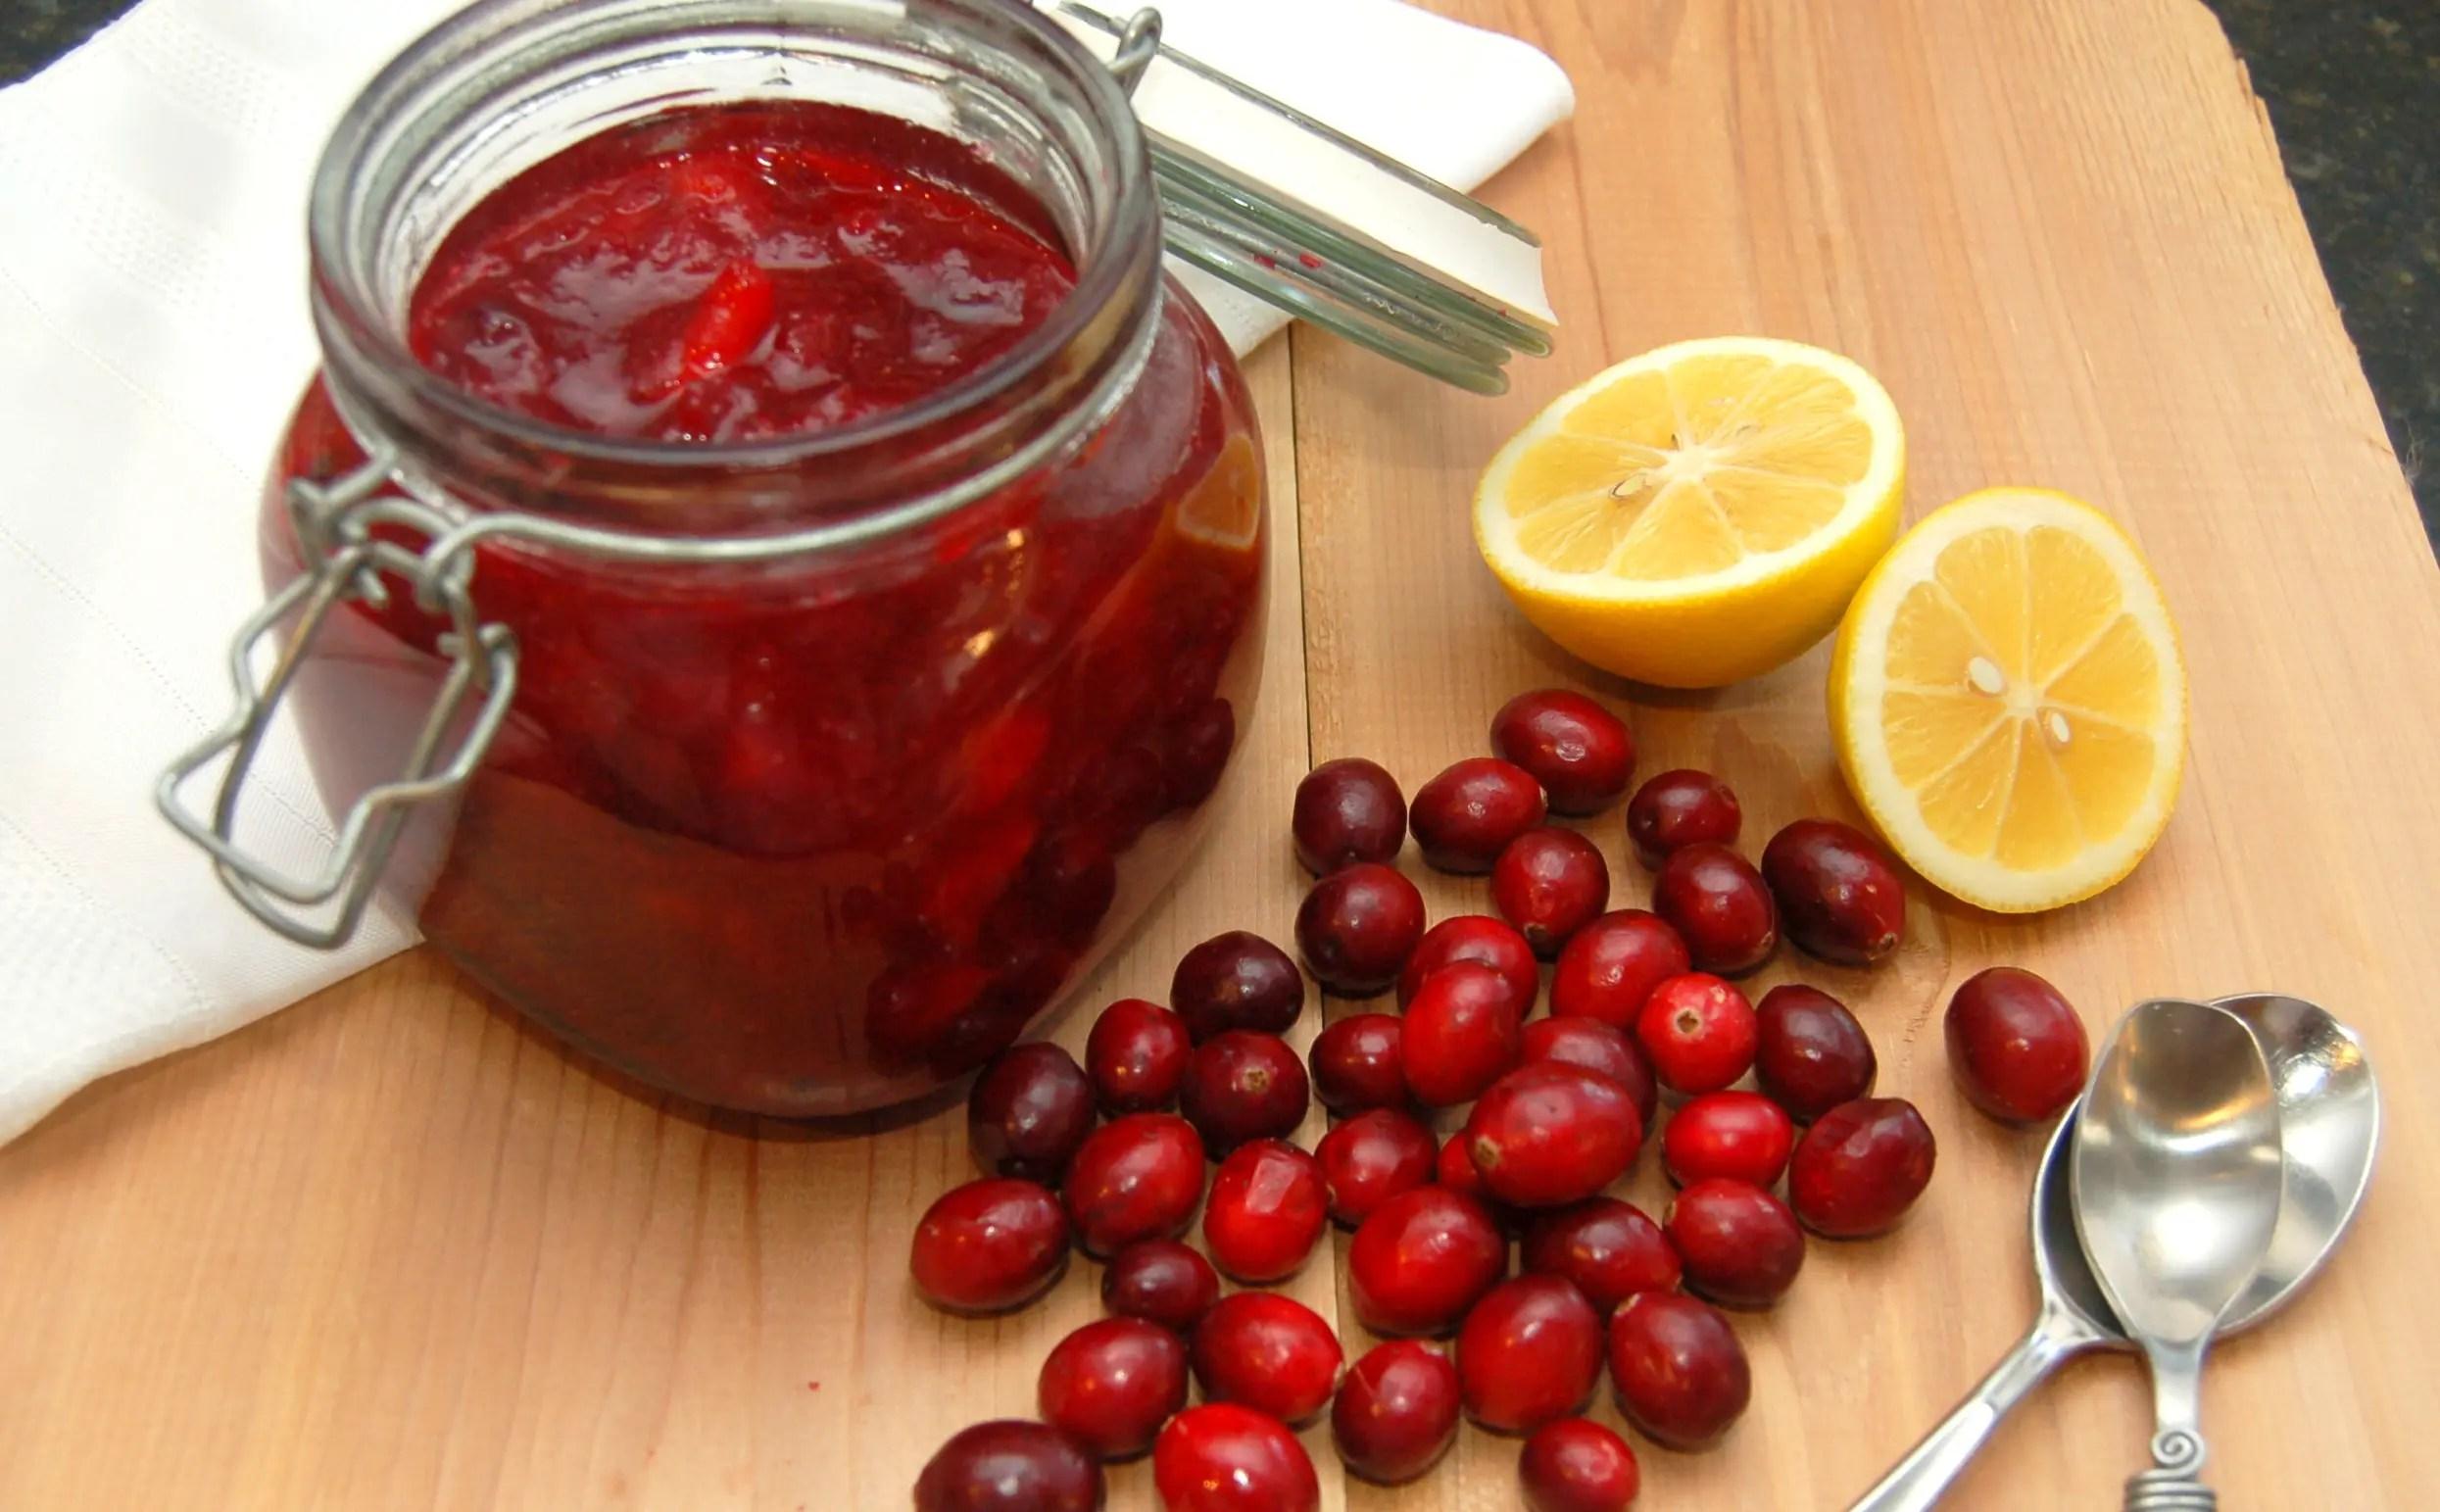 Homemade Cranberry Relish